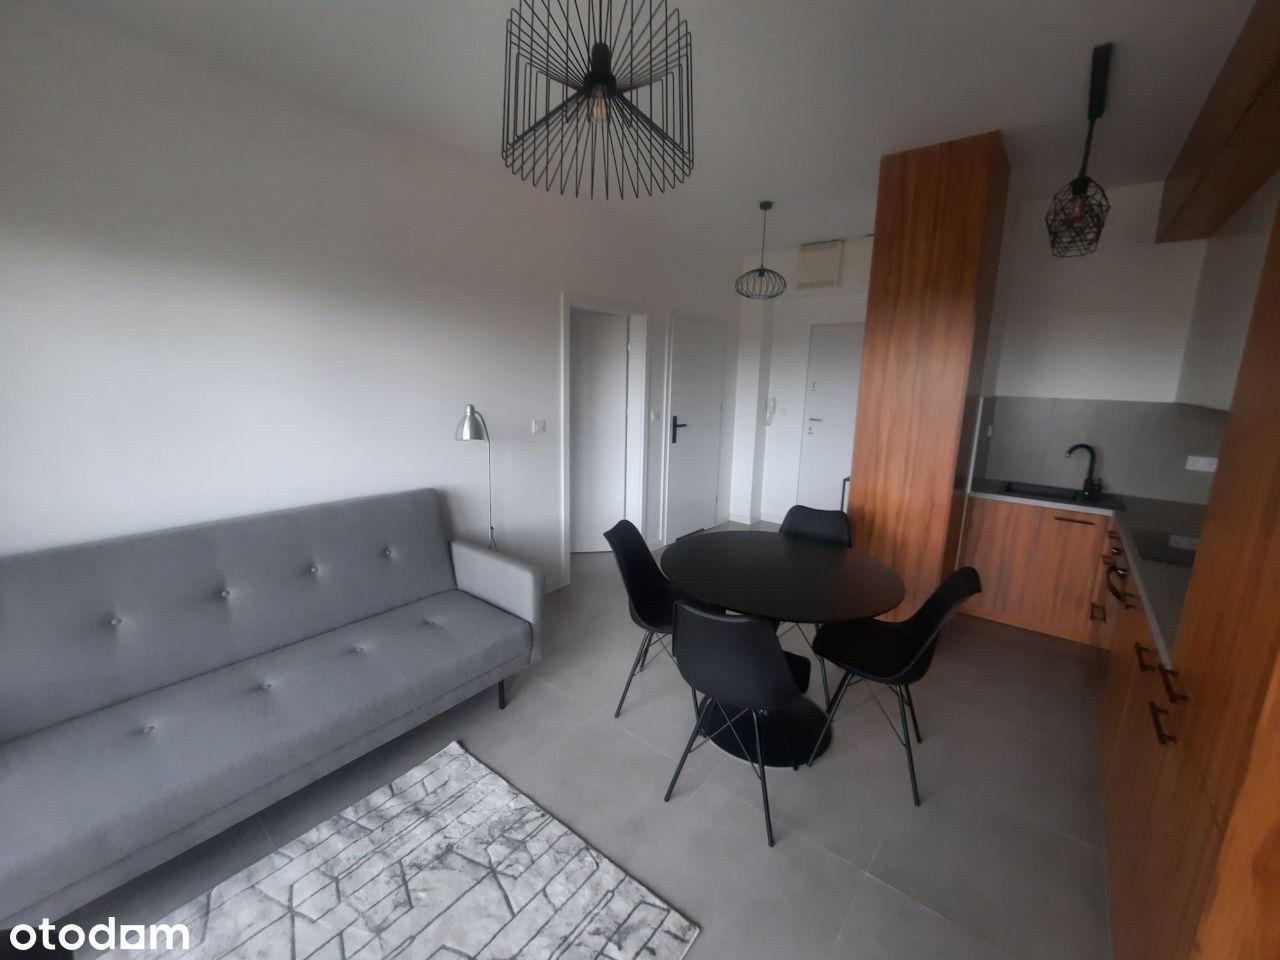 Apartament 2 pok. + m-ce postojowe, ul. Wojskowa